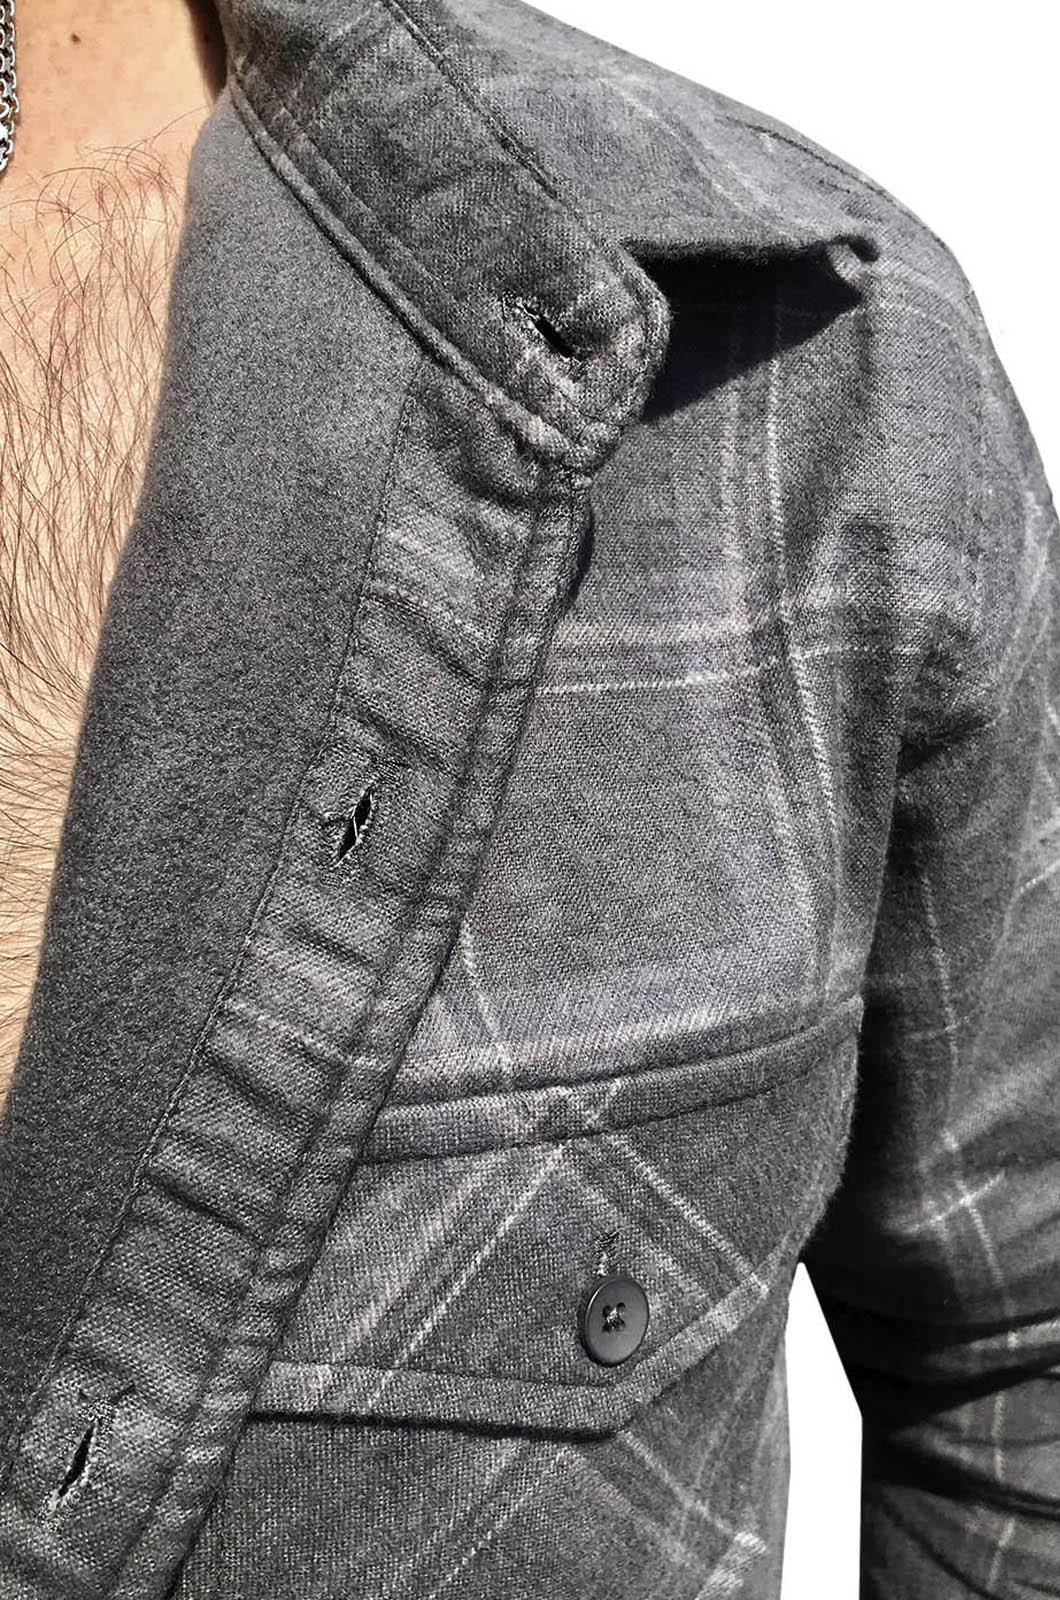 Крутая теплая рубашка с вышитым шевроном МЧПВ РФ - купить онлайн